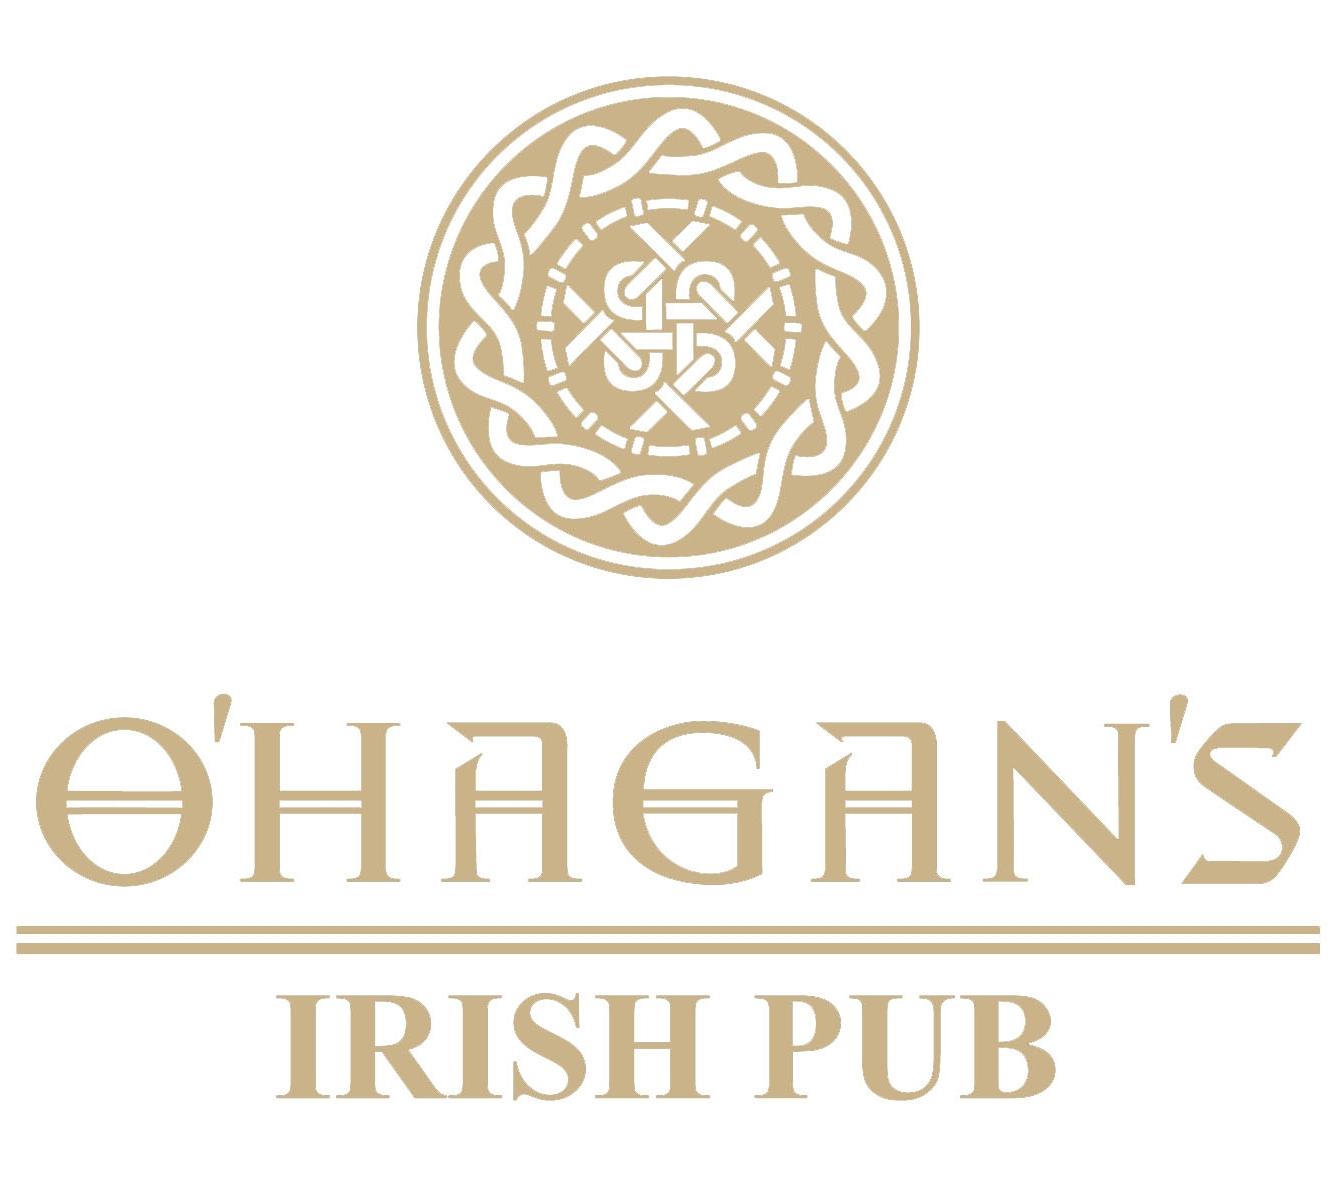 O'Hagan's Irish Bar - Crew discount 15%